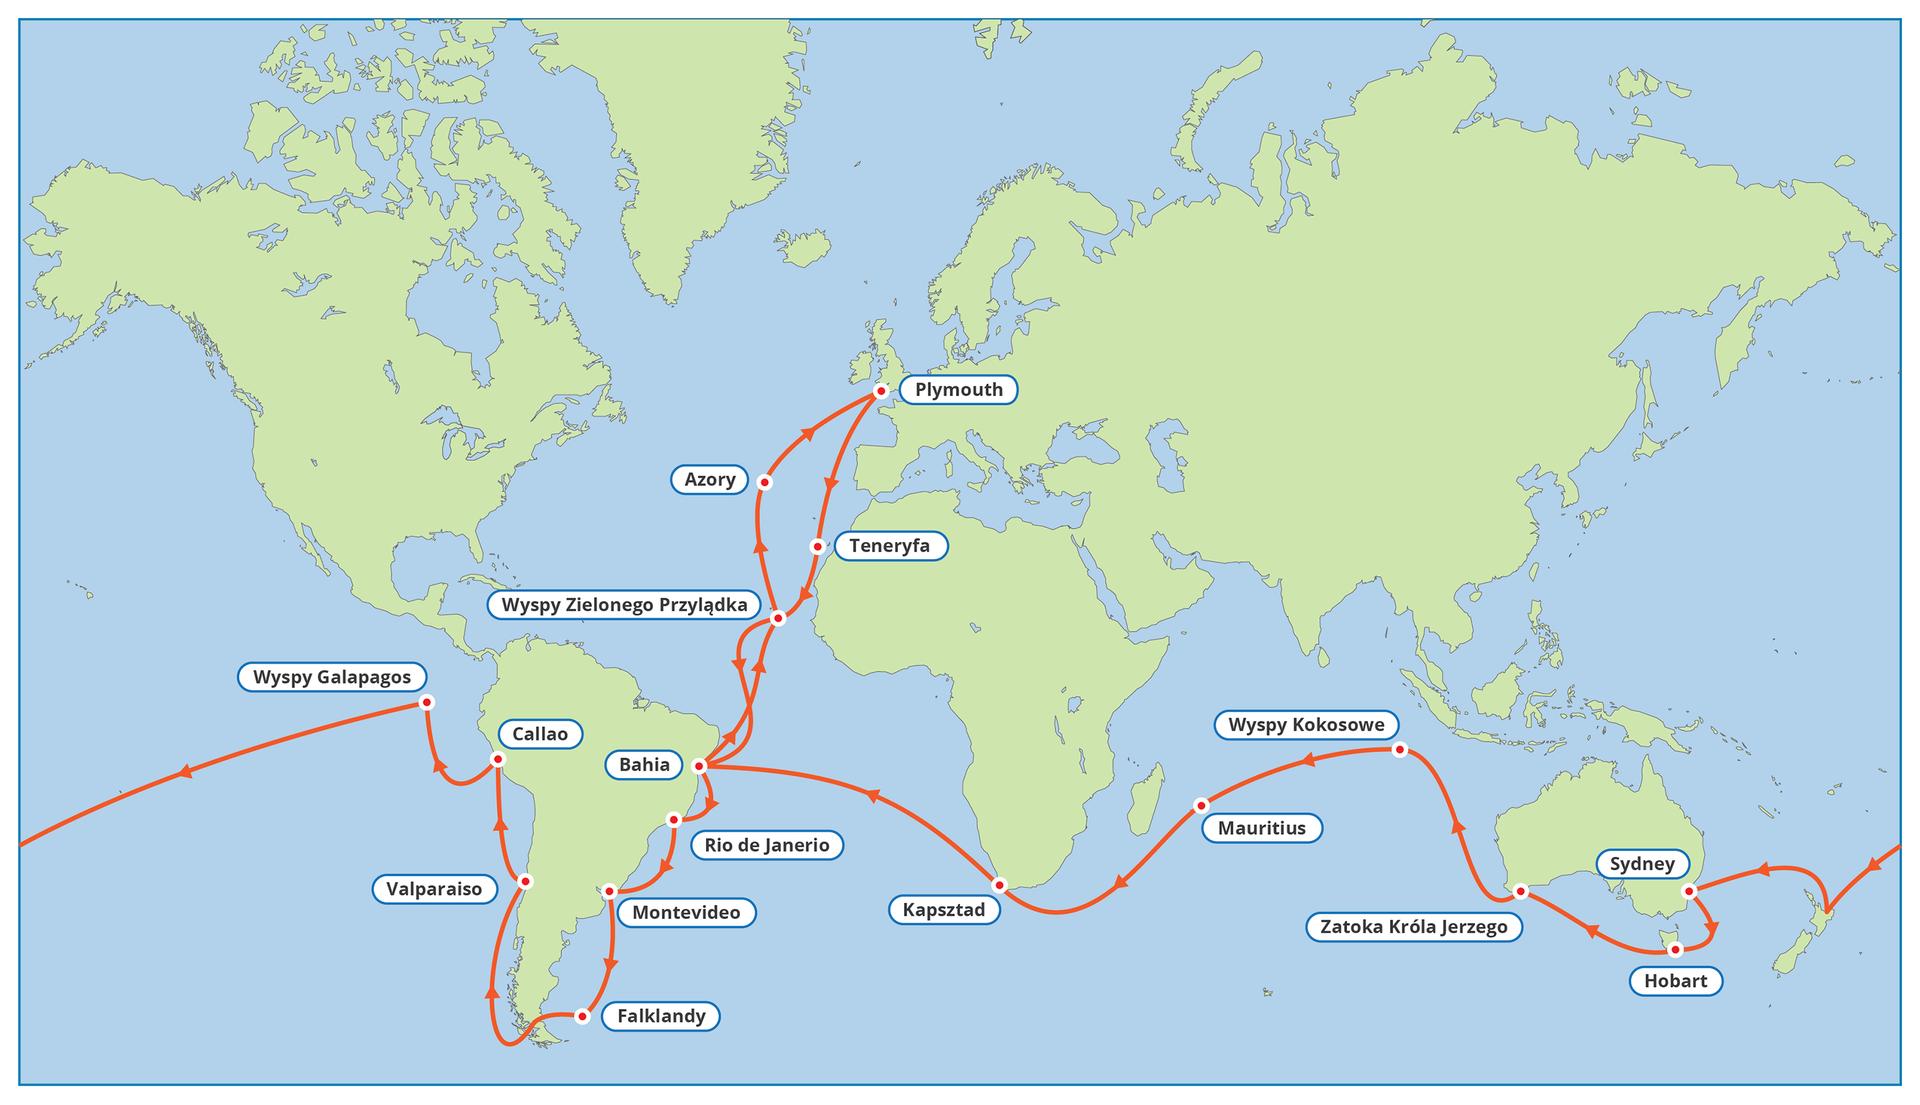 """Na mapie świata czerwonymi strzałkami zaznaczono trasę rejsu statku onazwie """"Beagle"""", na którym Darwin płynął na wyprawę badawczą dookoła świata. Obok podano nazwy portów. Statek wypłynął zPlymouth wWielkiej Brytanii iprzez Teneryfę iWyspy Zielonego Przylądka dotarł najpierw do Bahii wAmeryce Południowej. Kontynuował rejs wzdłuż wybrzeży kontynentu, dopływając do Falklandów. Przez Cieśninę Magellana wyprawa dotarła na wschodnie wybrzeże Ameryki południowej ina Wyspy Galapagos. Stamtąd badacze przez Ocean Spokojny dotarli do Sydney wAustralii, następnie na Tasmanię. Przez Zatokę Króla Jerzego, Wyspy Kokosowe iMauritius dopłynęli do Kapsztadu wAfryce. Znów zawitali do Bahii istamtąd przez Azory powrócili do Anglii."""